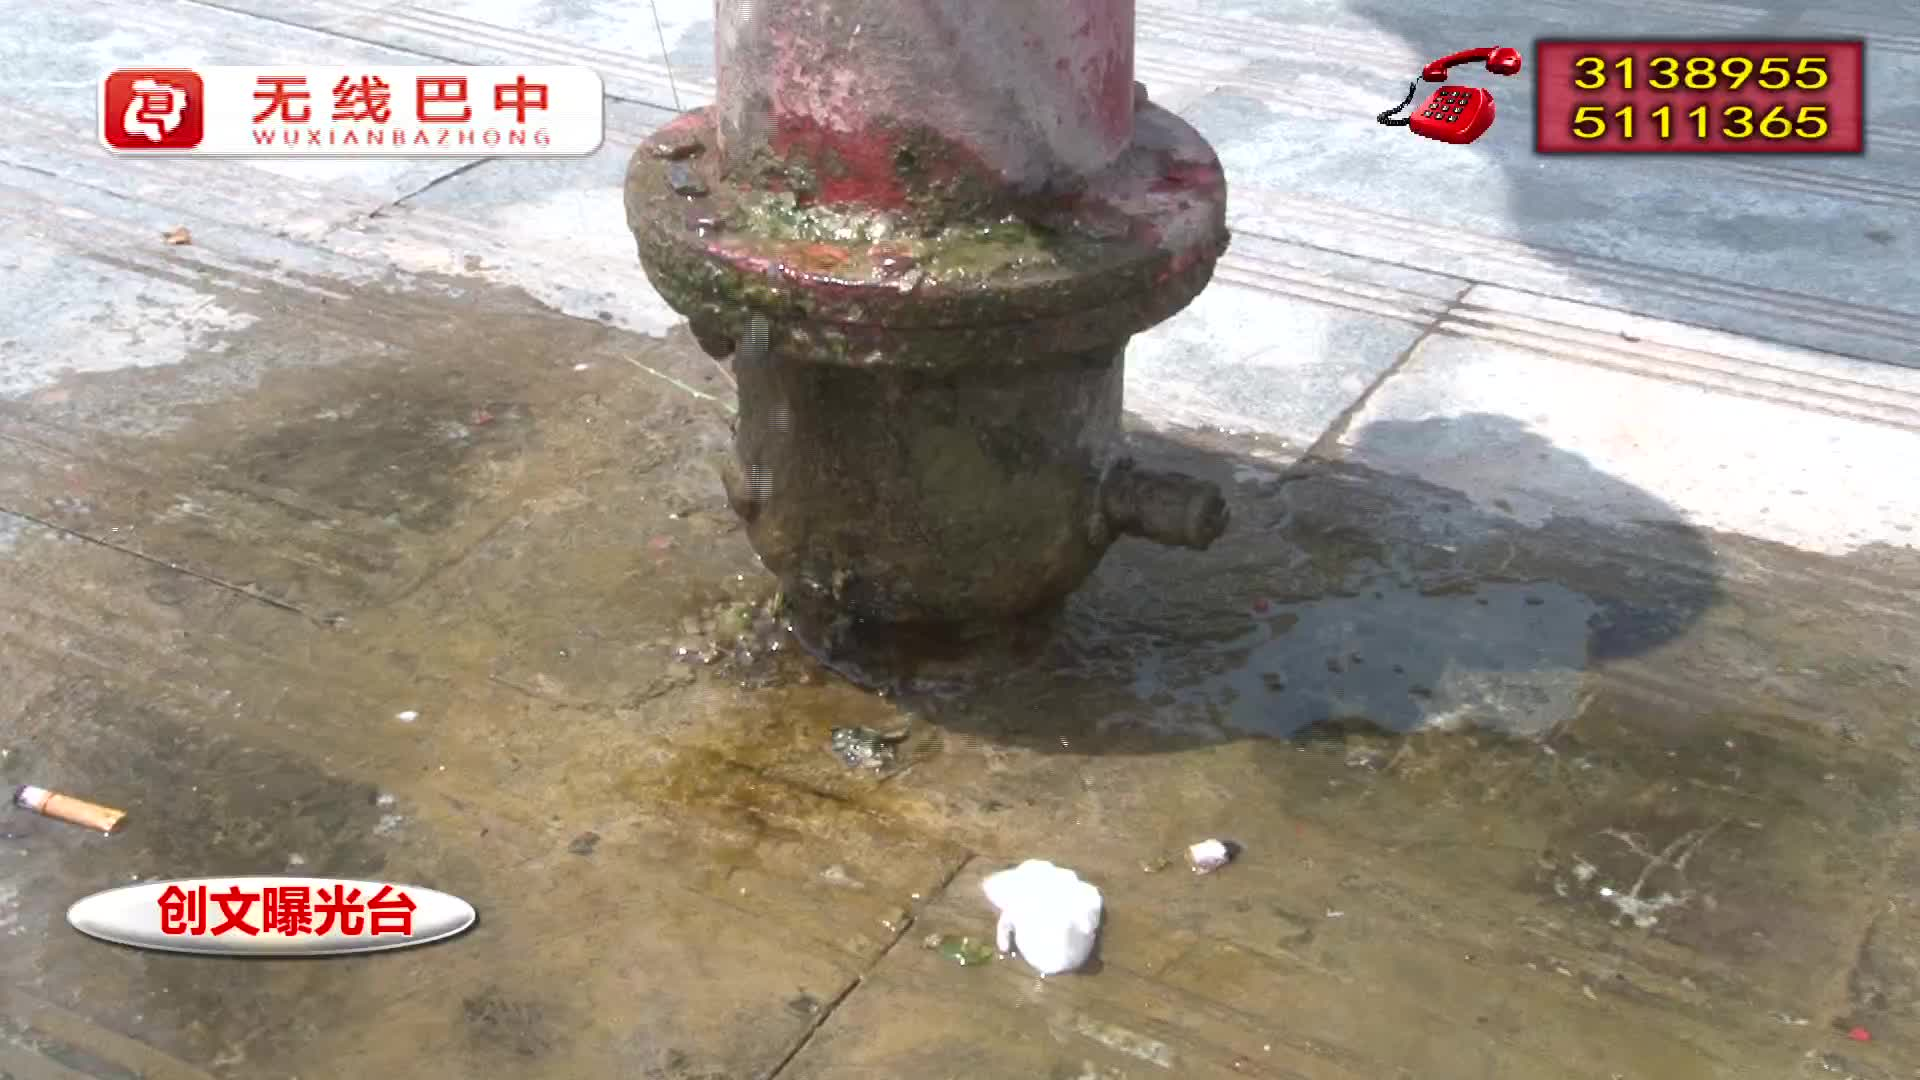 消防栓漏水 市民直呼可惜